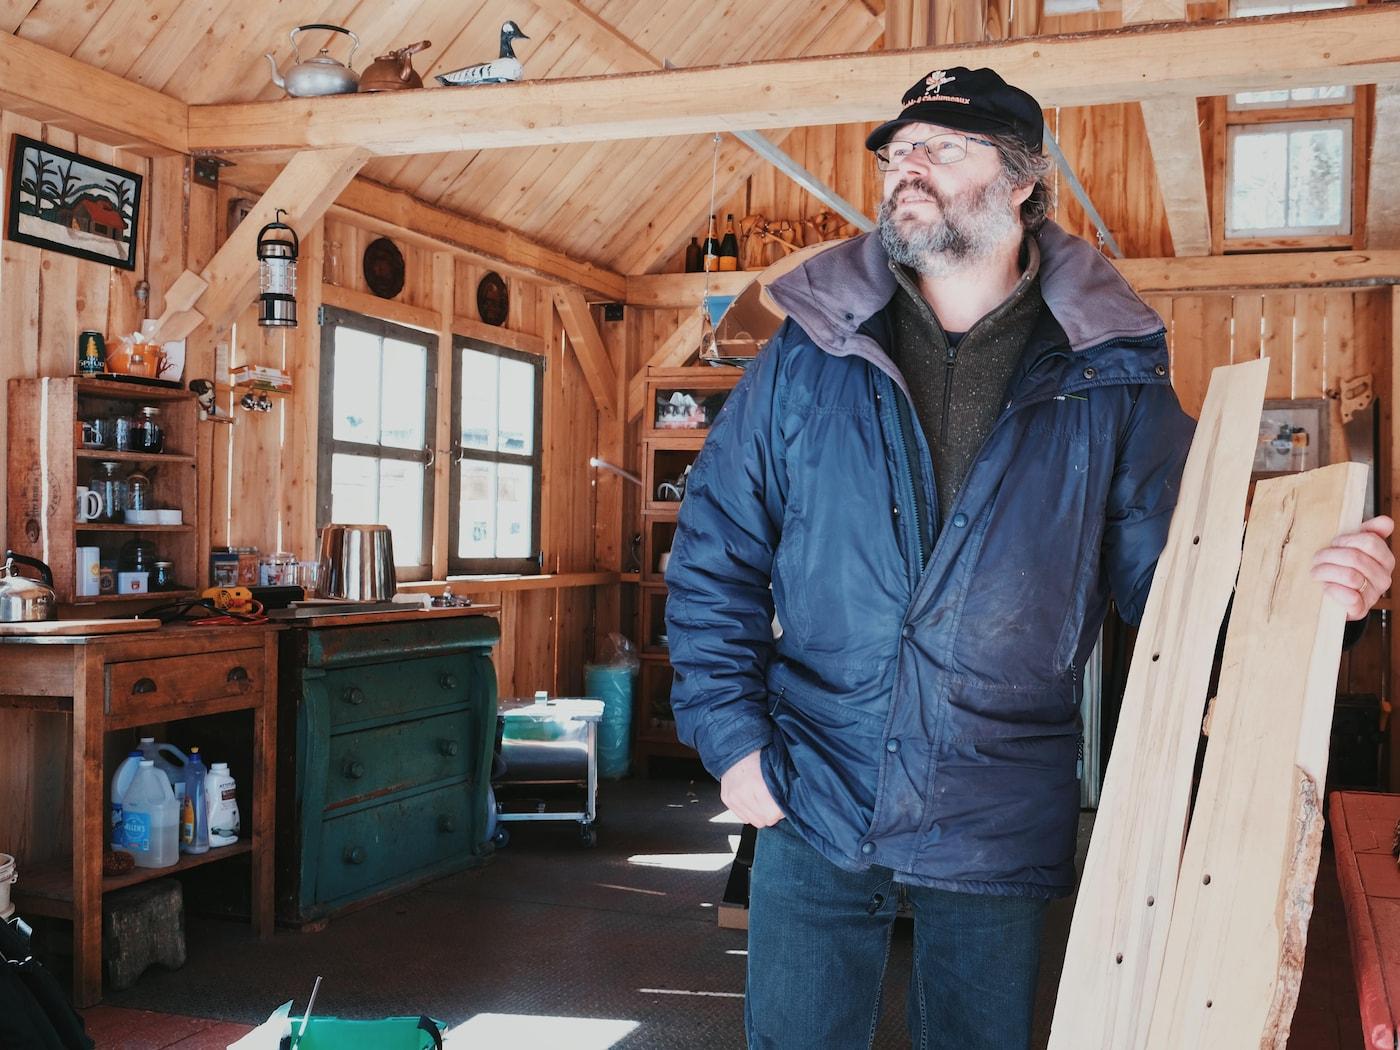 Stéphane Guay, dans sa cabane à sucres, montre des tranches d'érables qui ont été blessés.